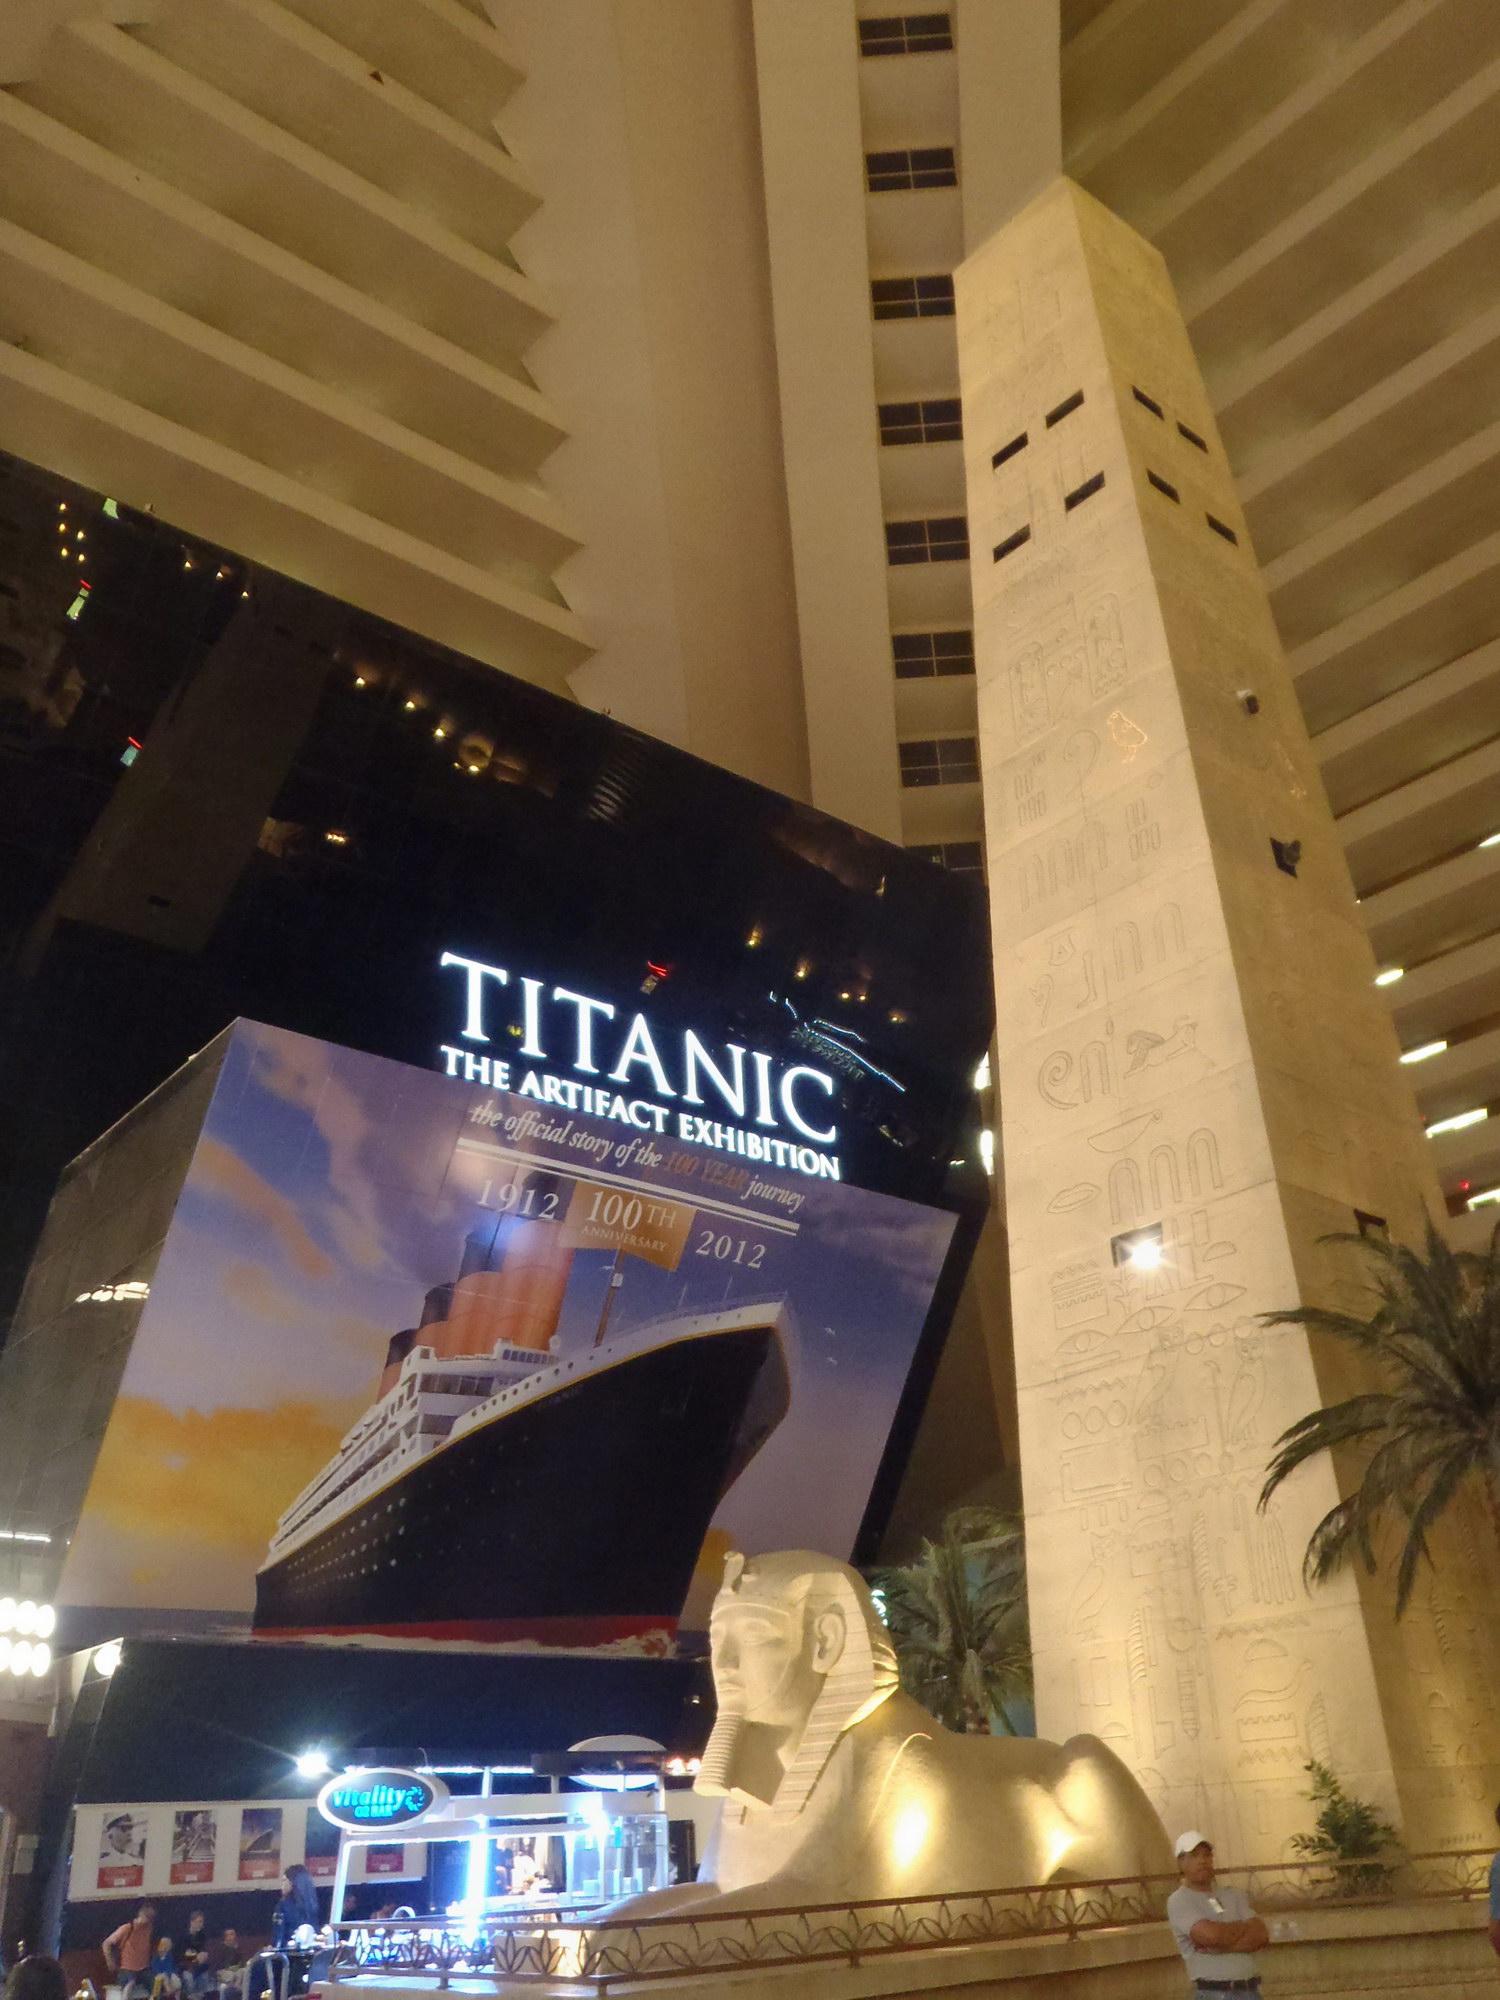 Casino titanic